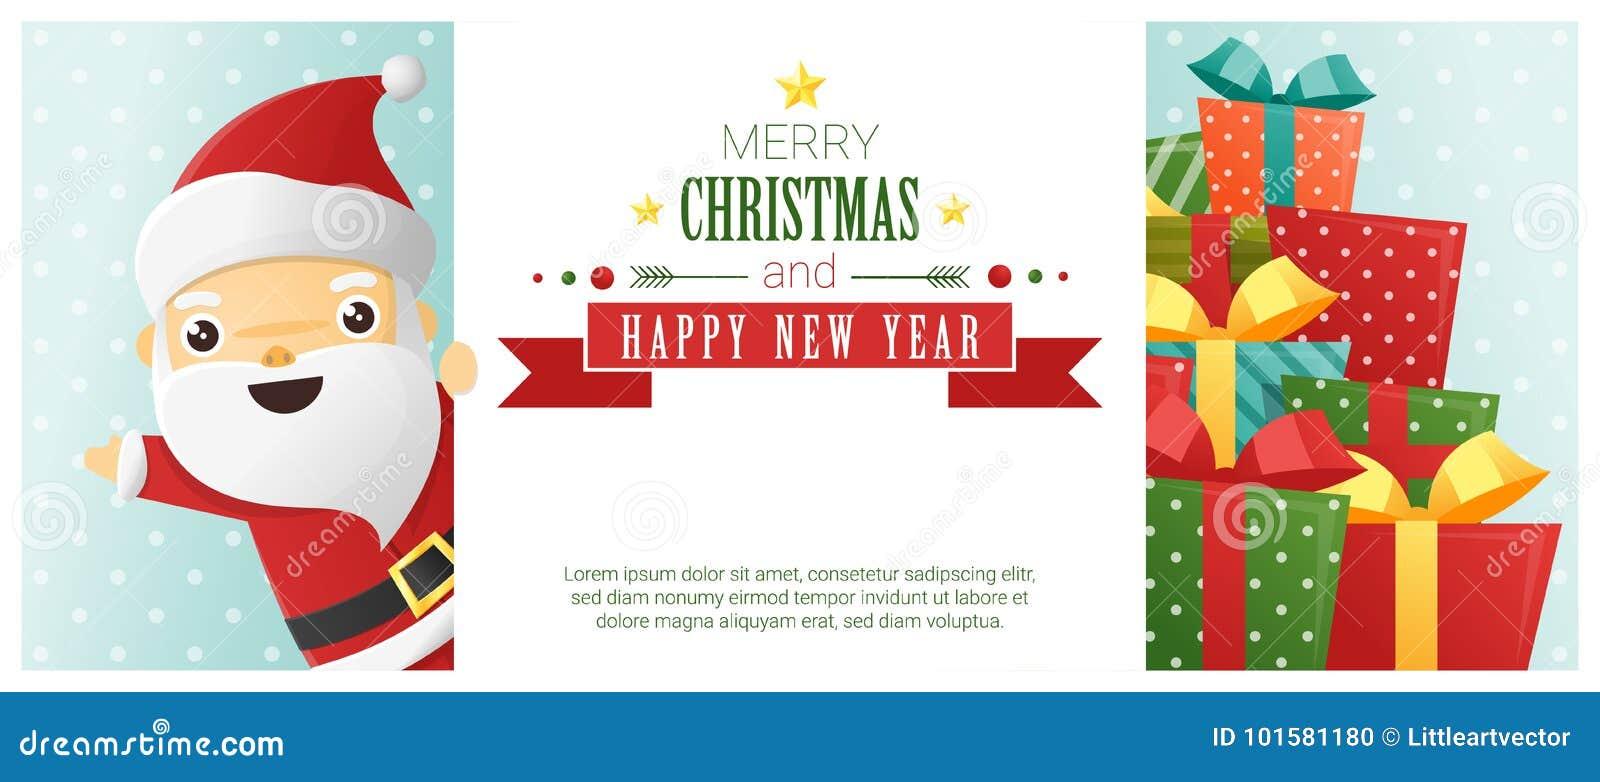 Hintergrund der frohen Weihnachten und des guten Rutsch ins Neue Jahr mit Santa Claus, die hinter Anschlagtafel steht